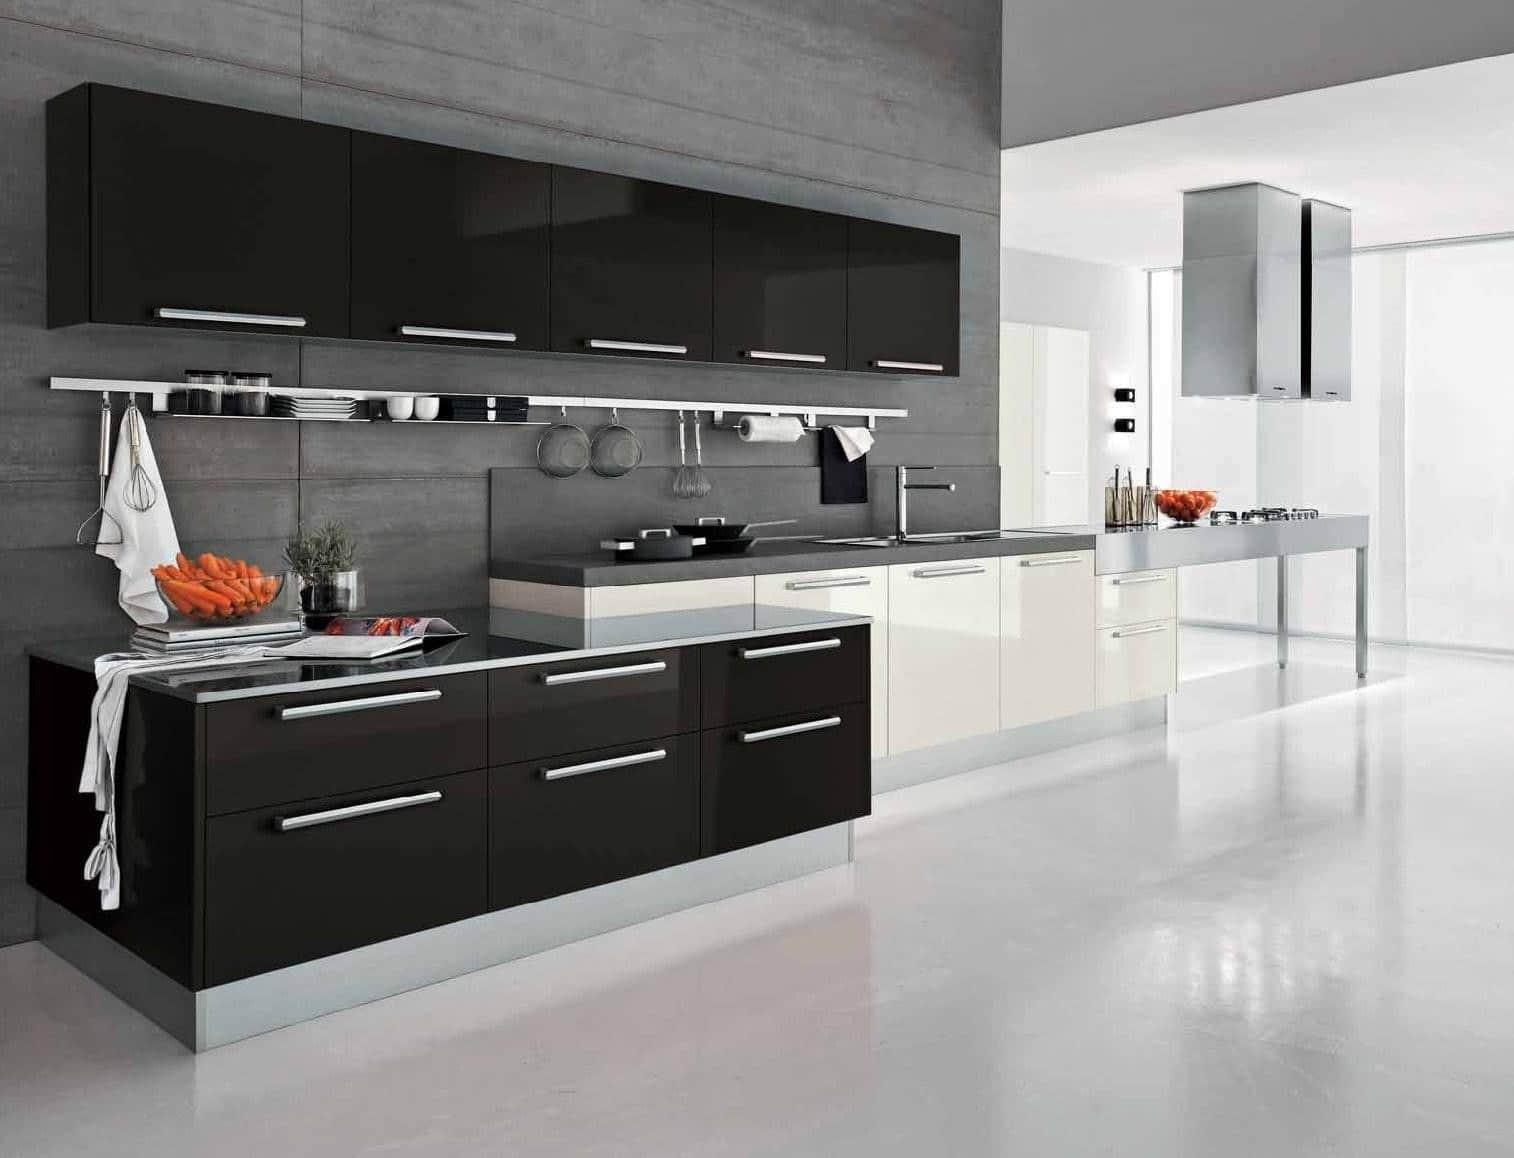 Фото черной тумбочки, на которой стоит тарелка с морковкой на черно белой кухне